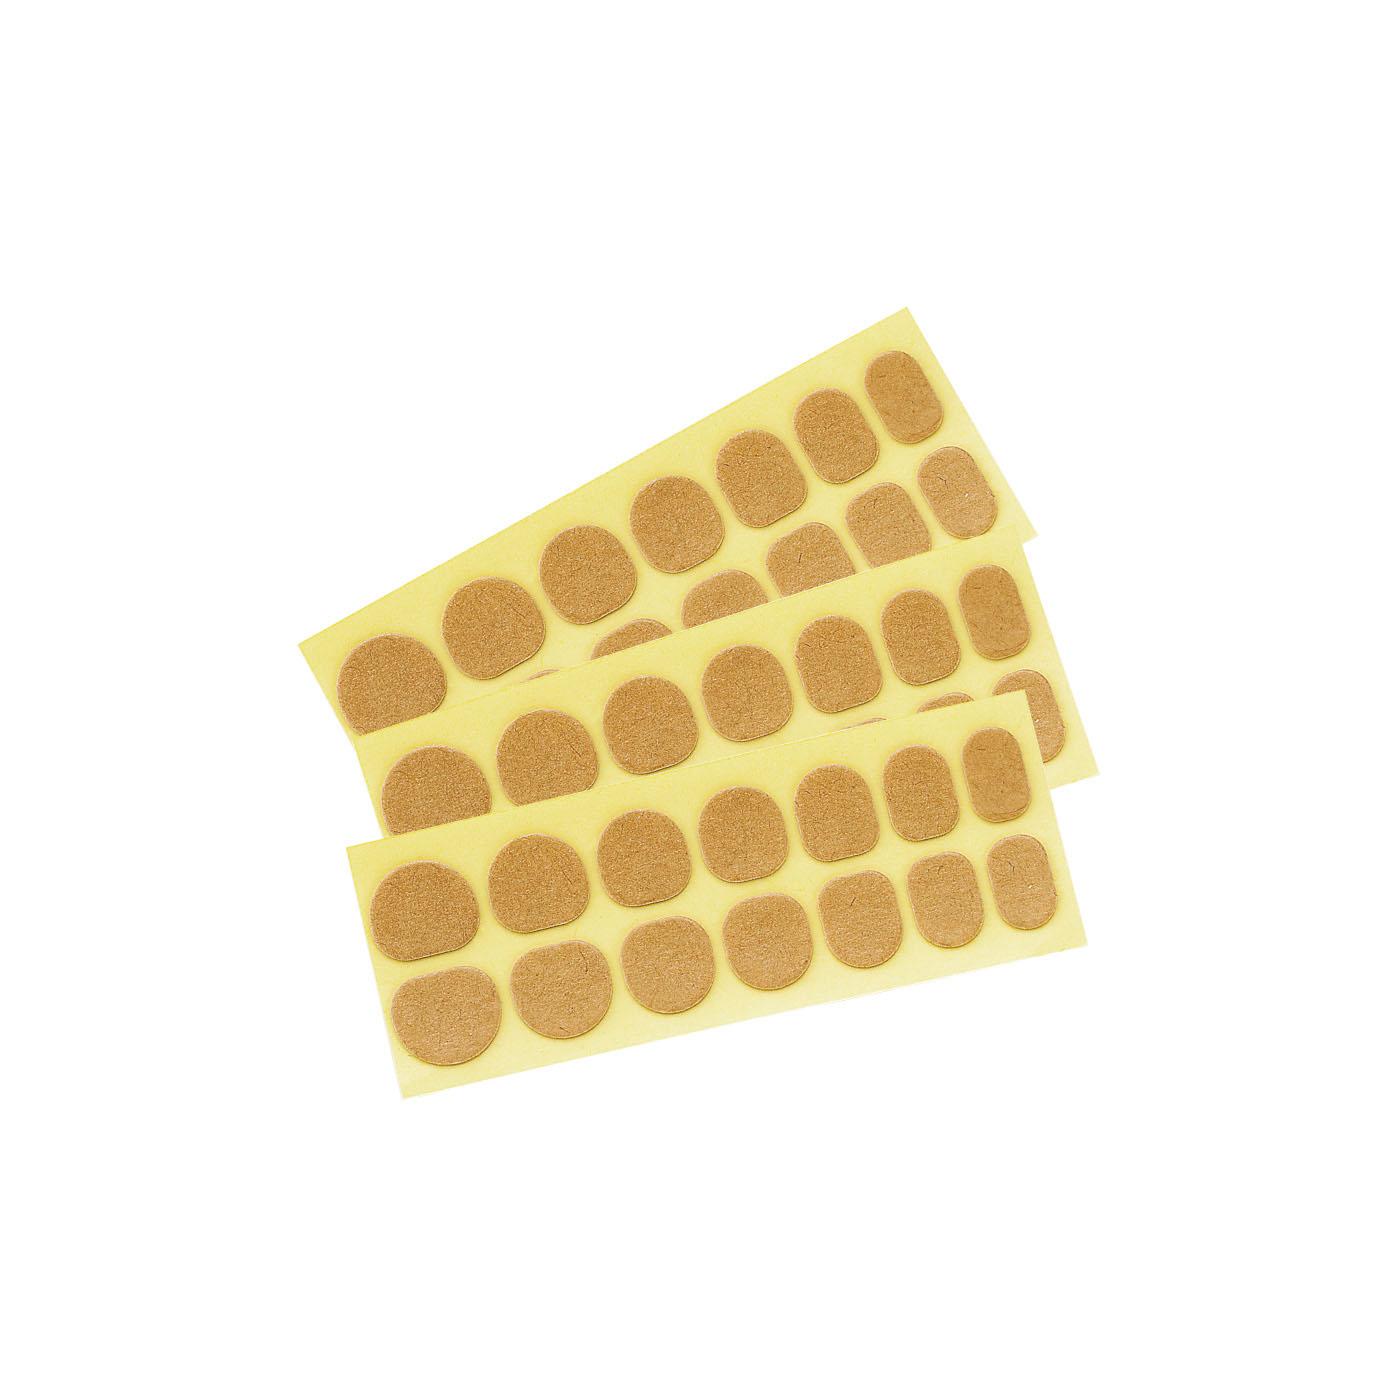 フェリシモ ジェルネイルレッスン 形状ぴったりチップ用 装着シール3シートセット(グミタイプ)